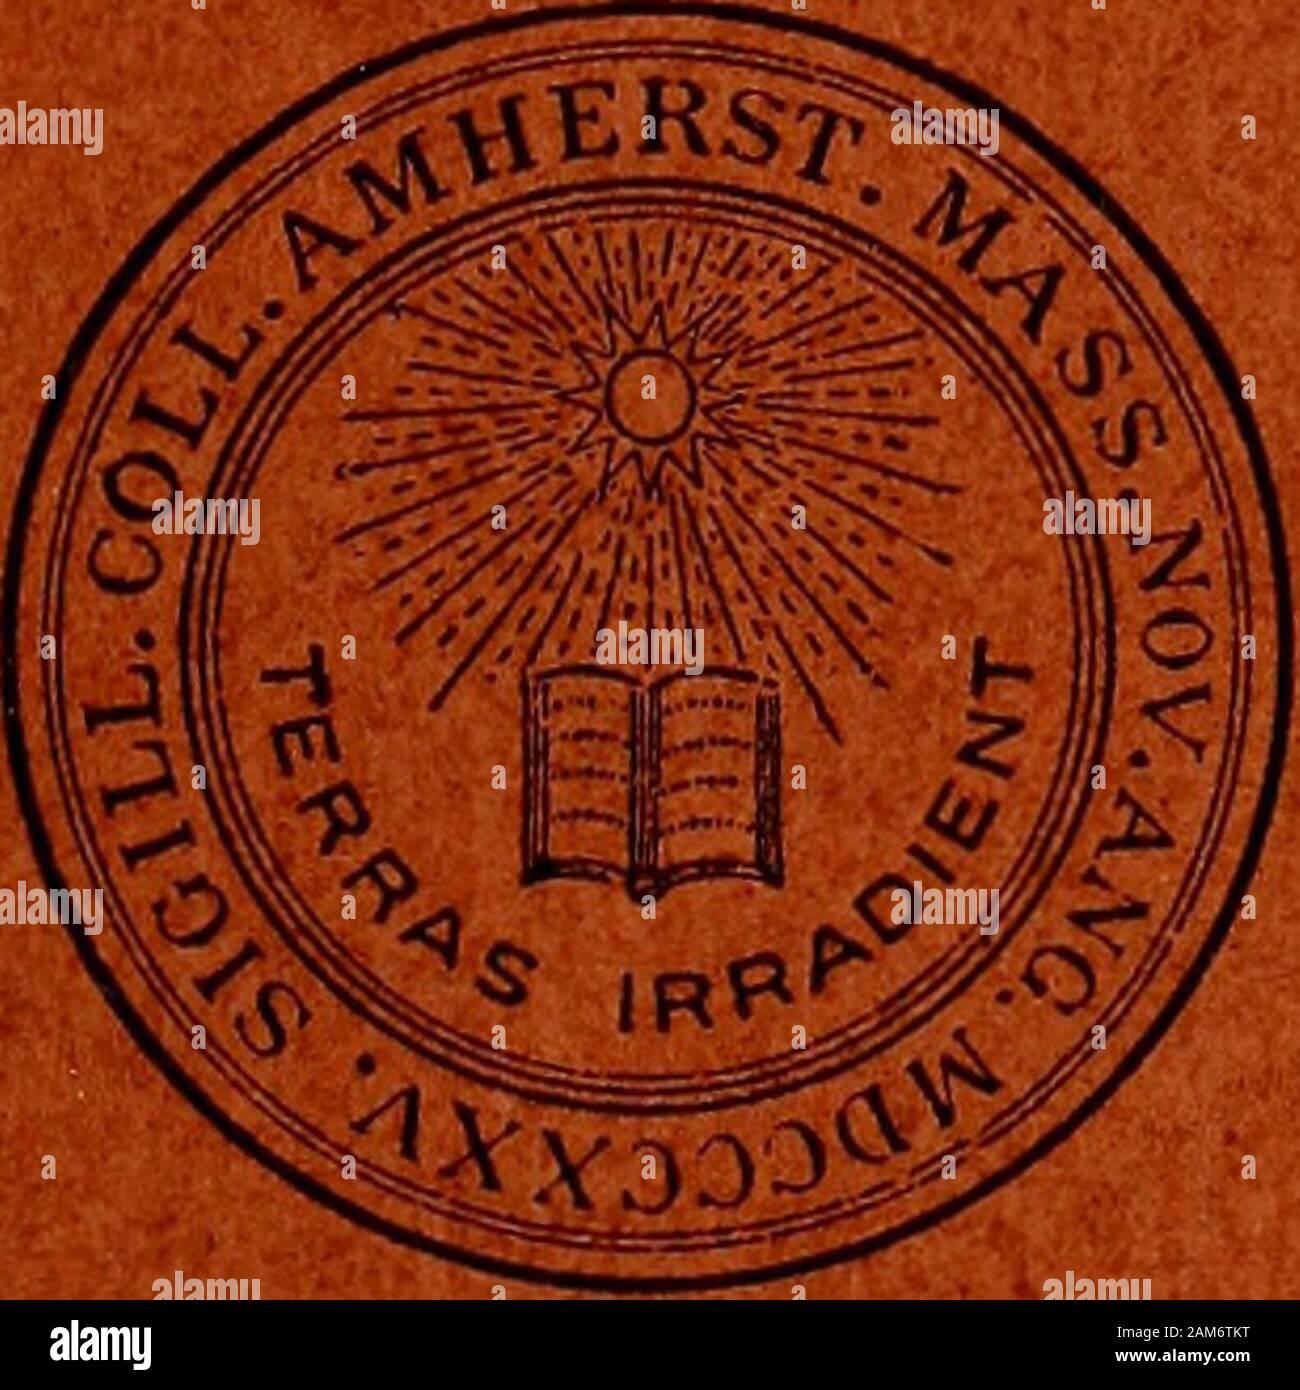 Adressen der Absolventen des Amherst College. lcox, H. 20 W. F. 20 ...